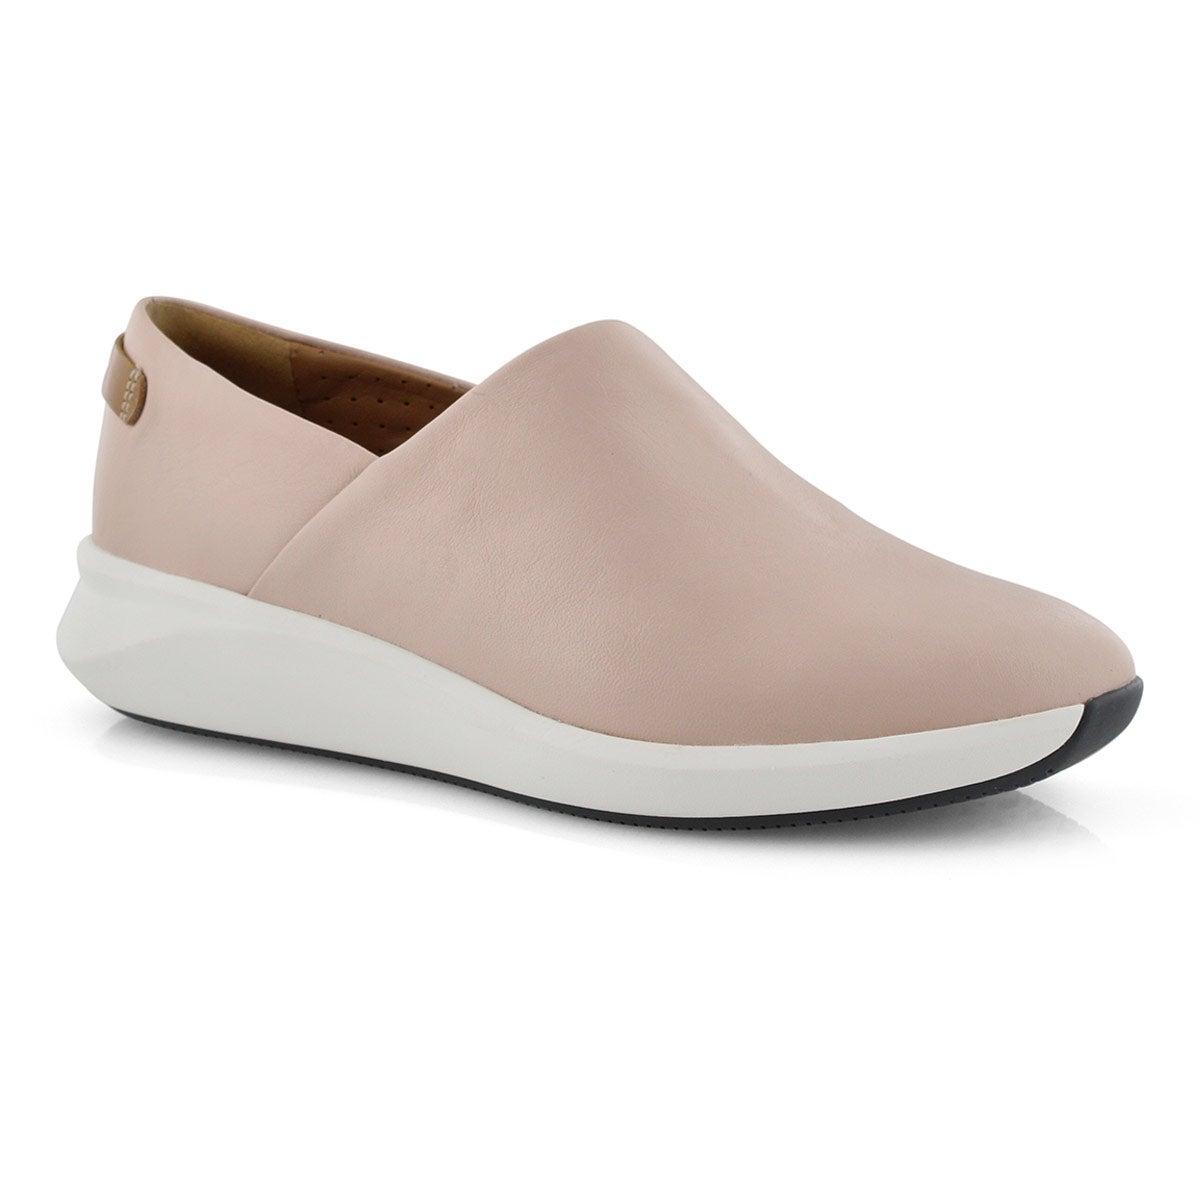 Lds Un Rio Rise blush casual shoe